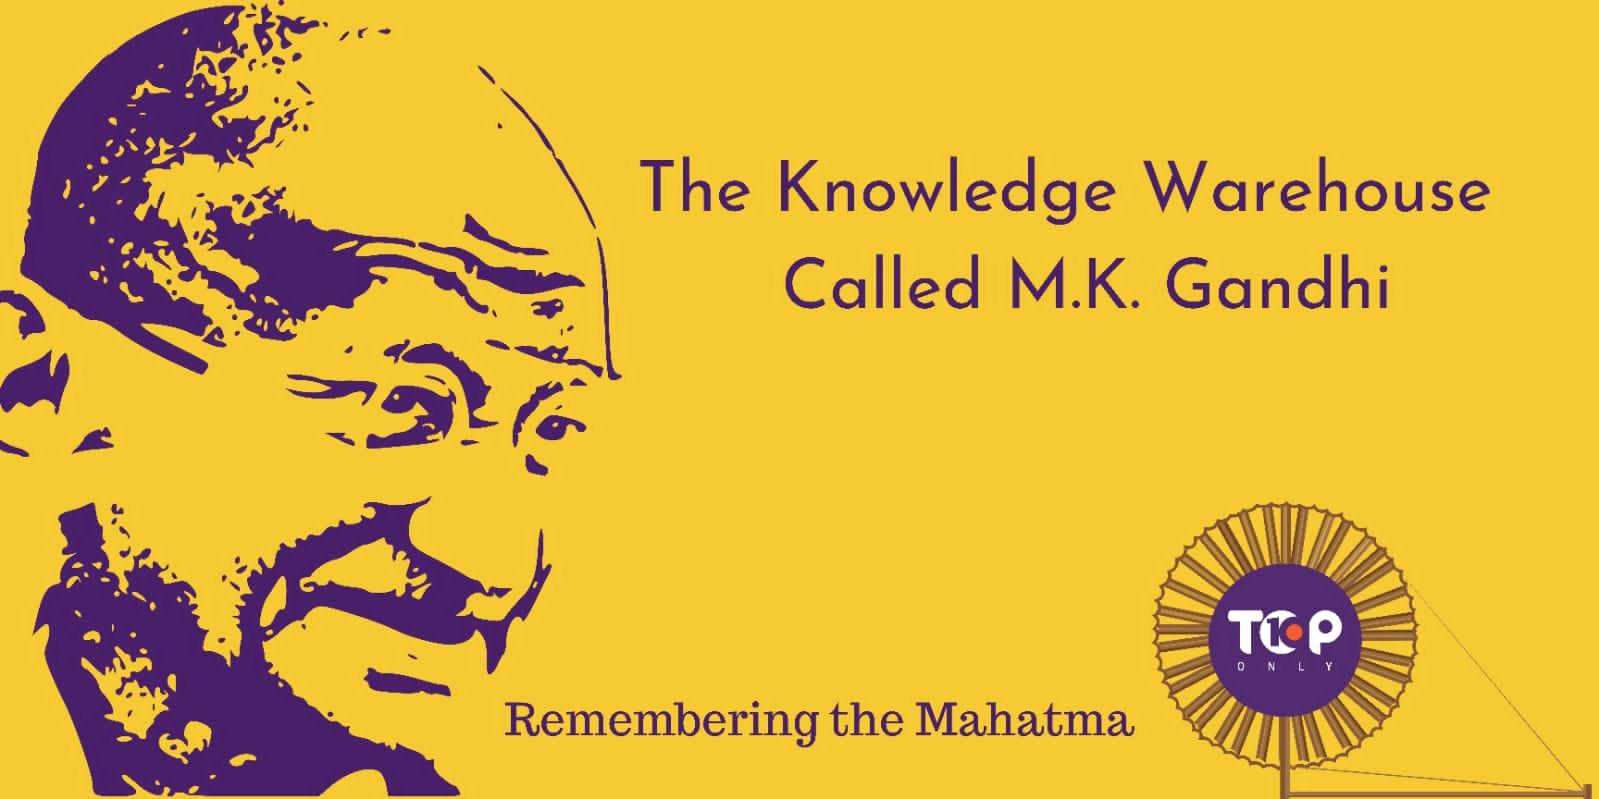 Top 10 Books Written by Gandhi